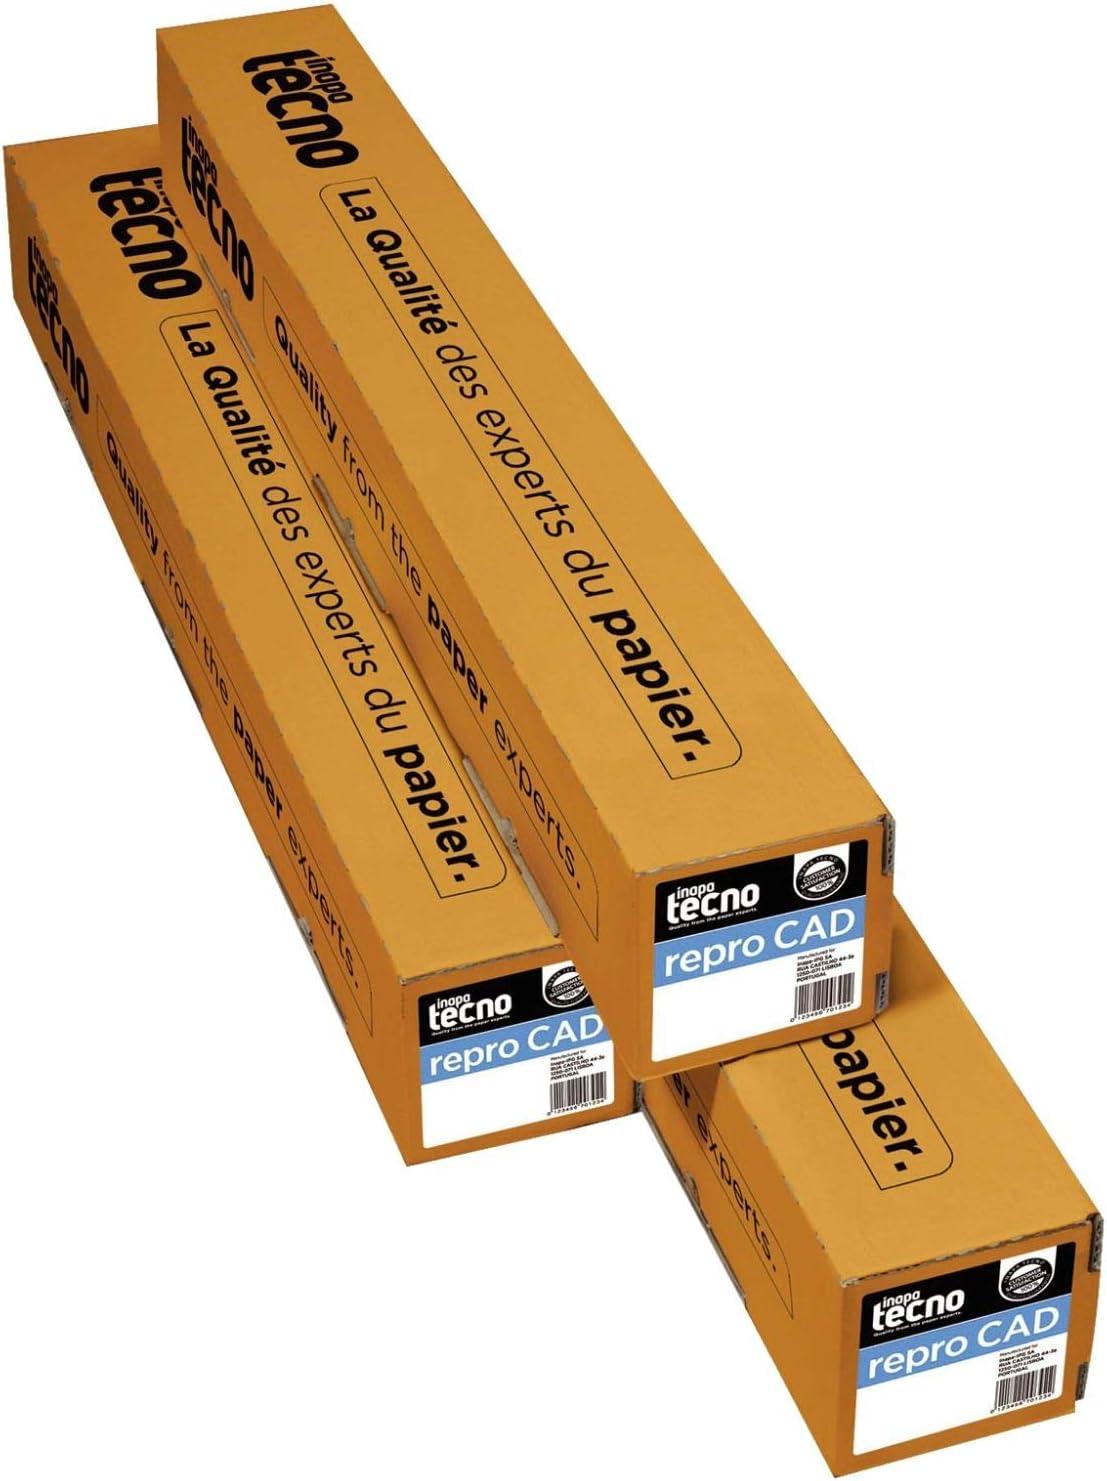 Inapa Tecno 0253 080 61 10 9 Inkjet papeles para plotter ruedas y formatos 610 mm x 50 m Color Blanco: Amazon.es: Oficina y papelería